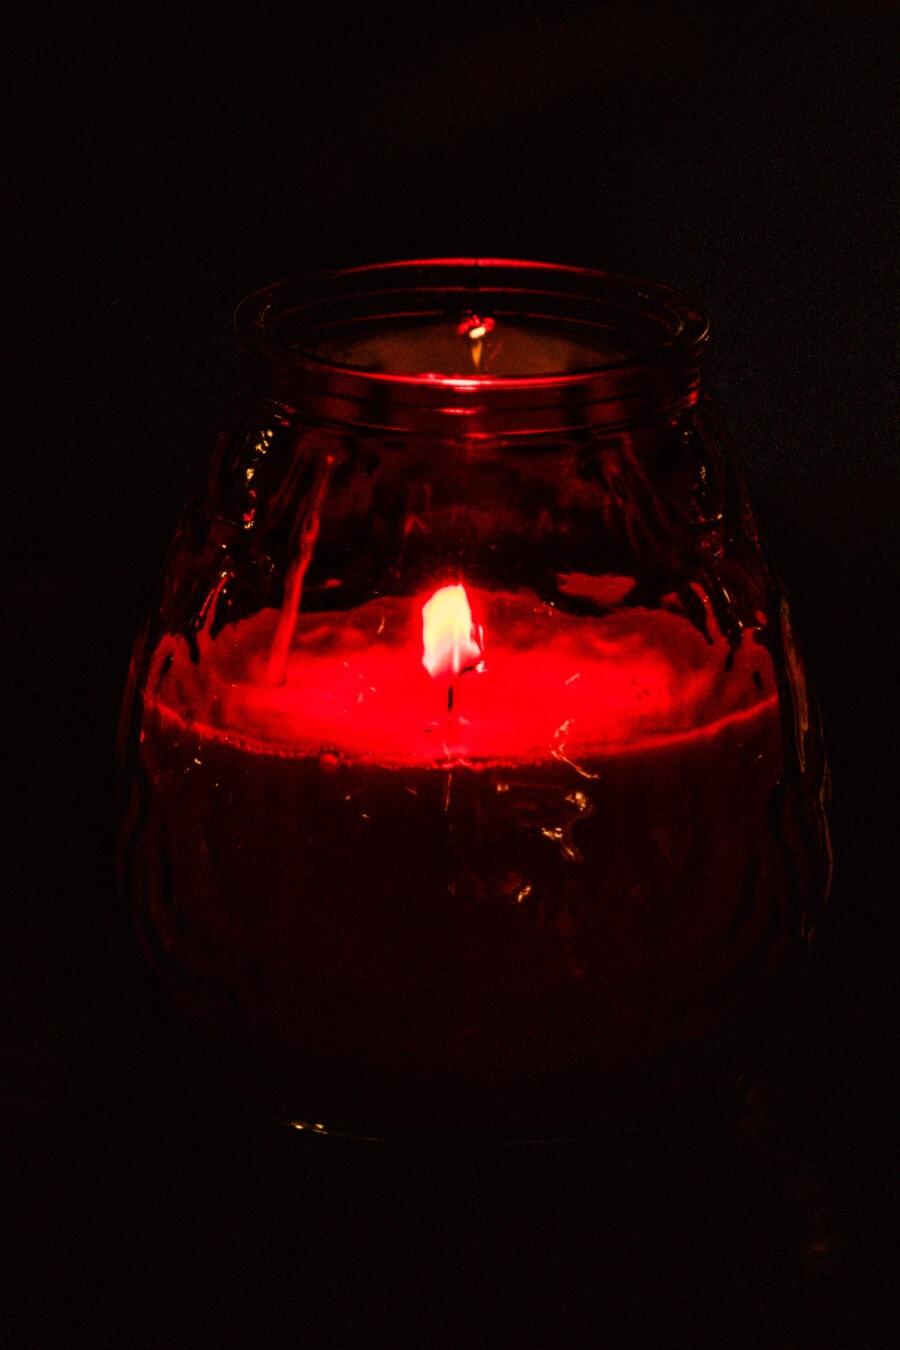 fragrance, bougie, aux chandelles, rouge foncé, flamme, verre, lumière, nature morte, couleur, art